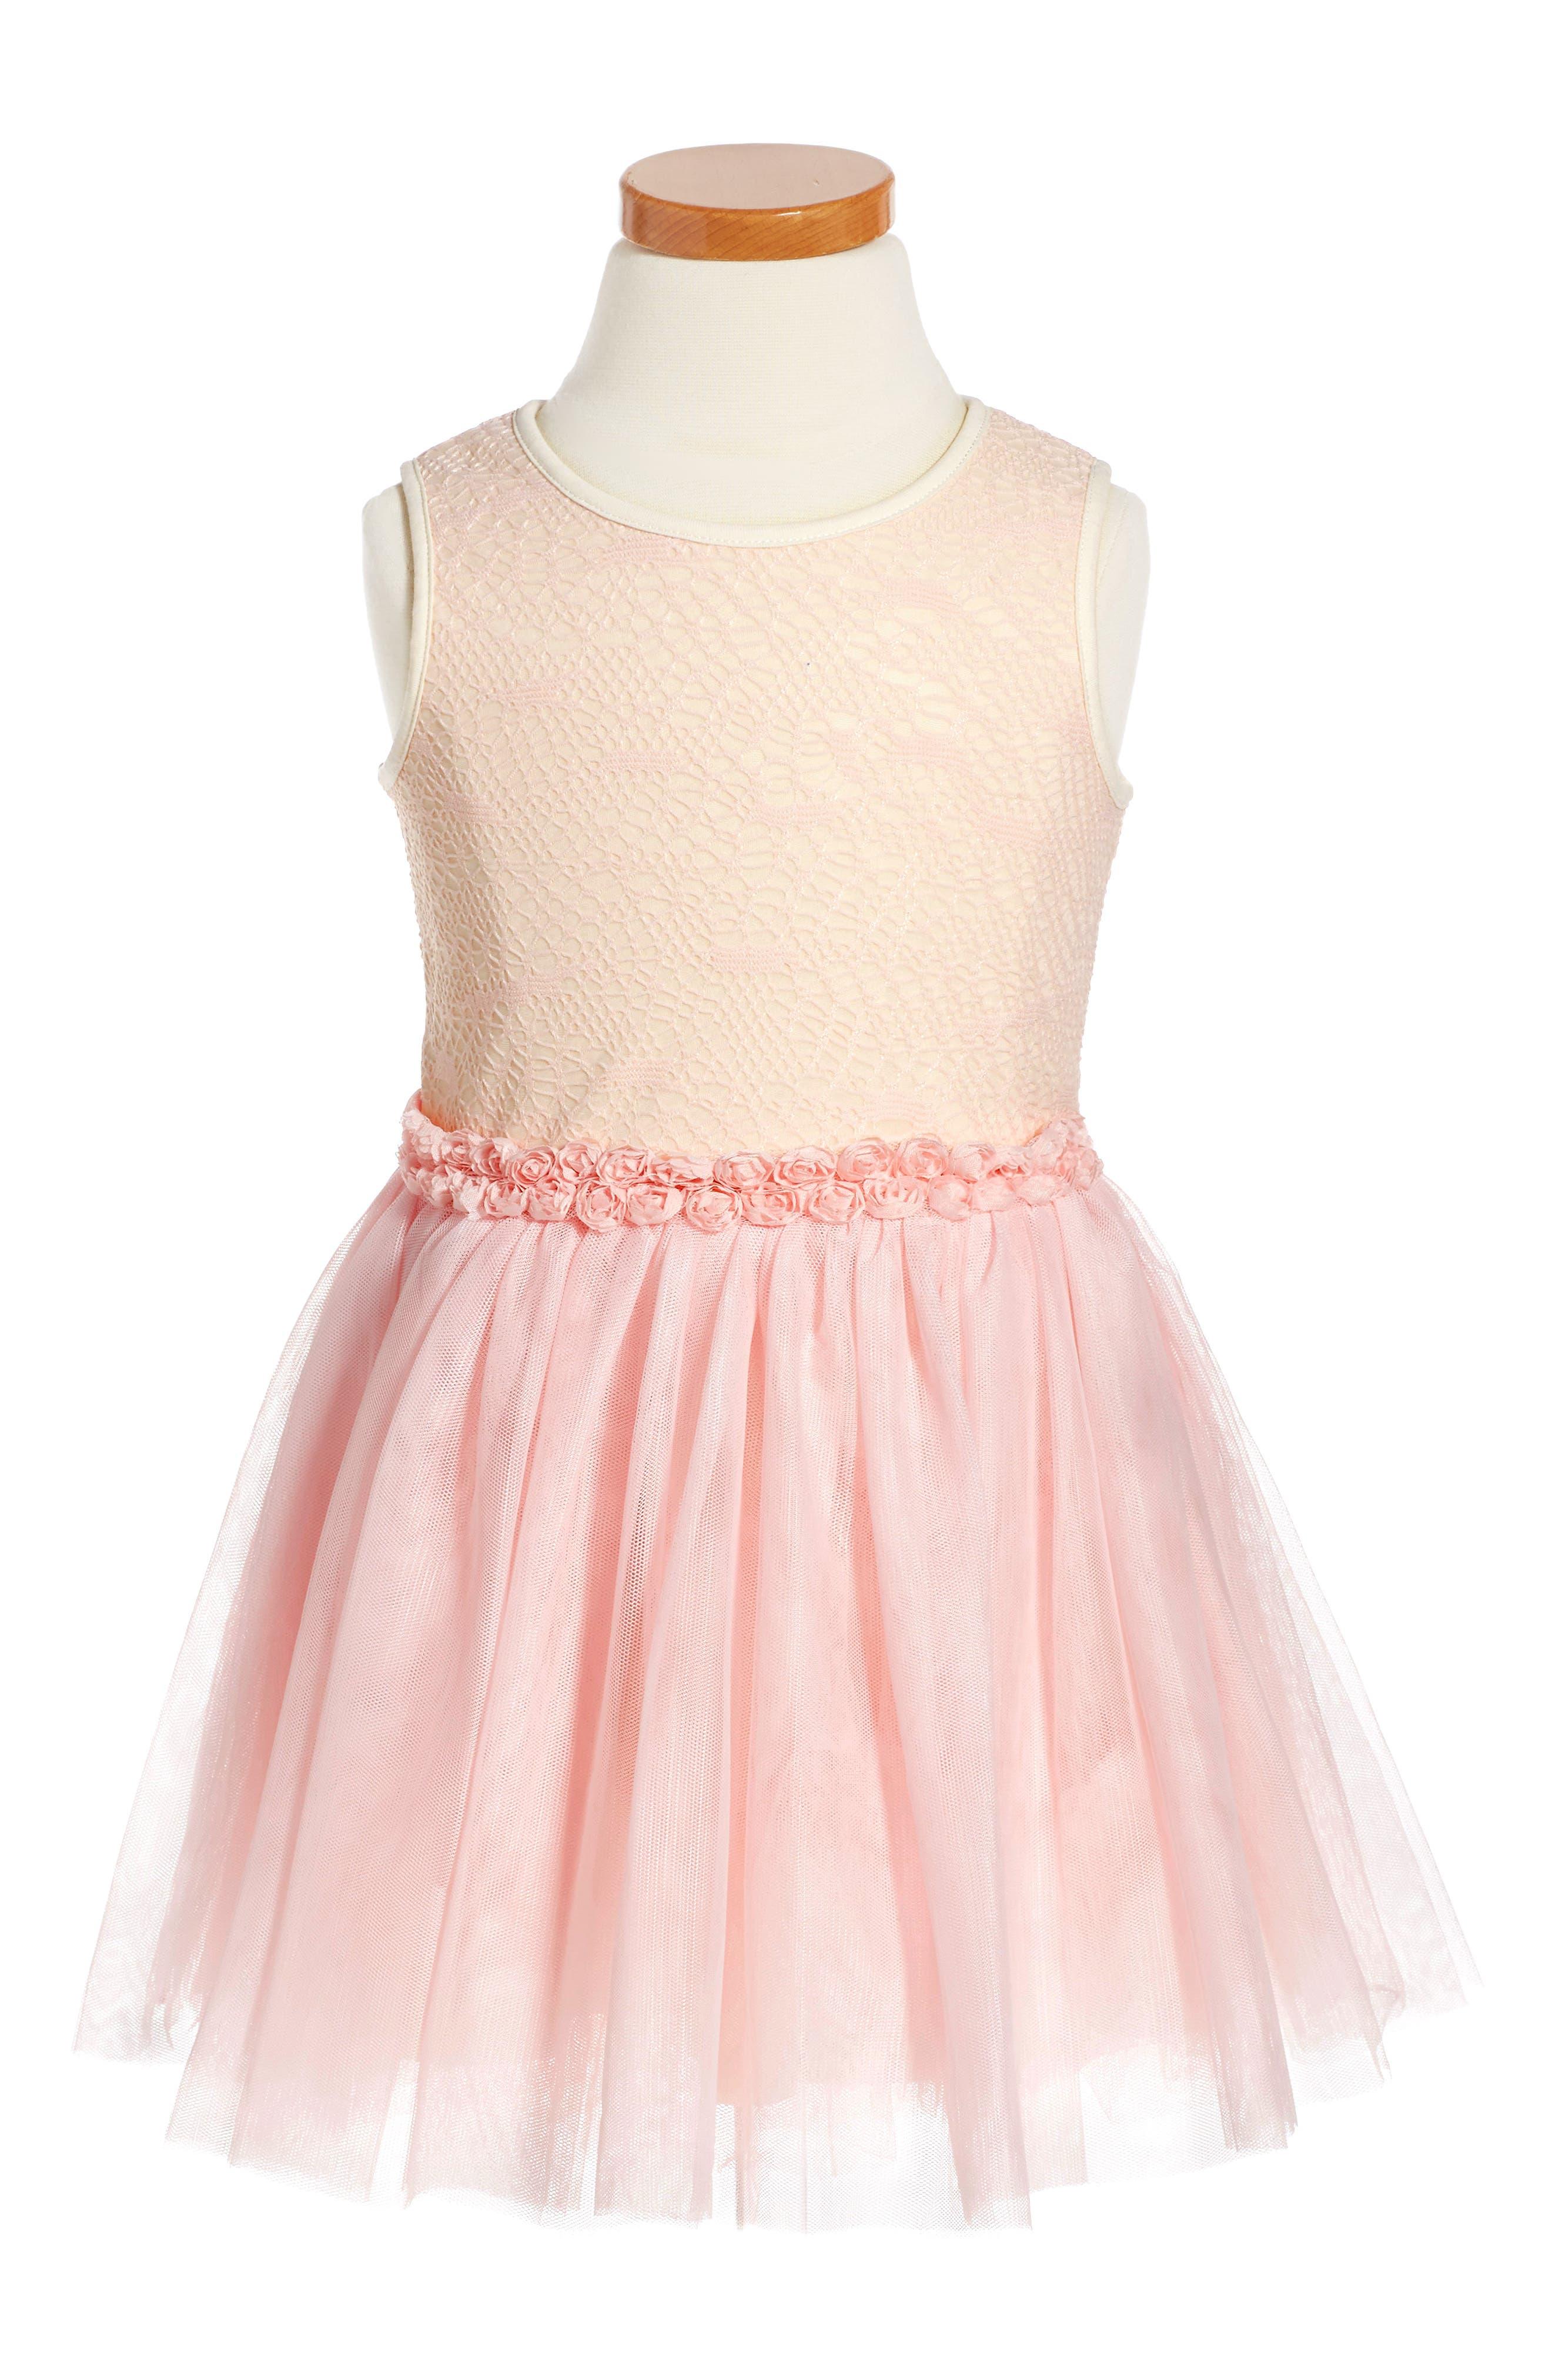 Pippa & Julie Tutu Dress (Toddler Girls & Little Girls)